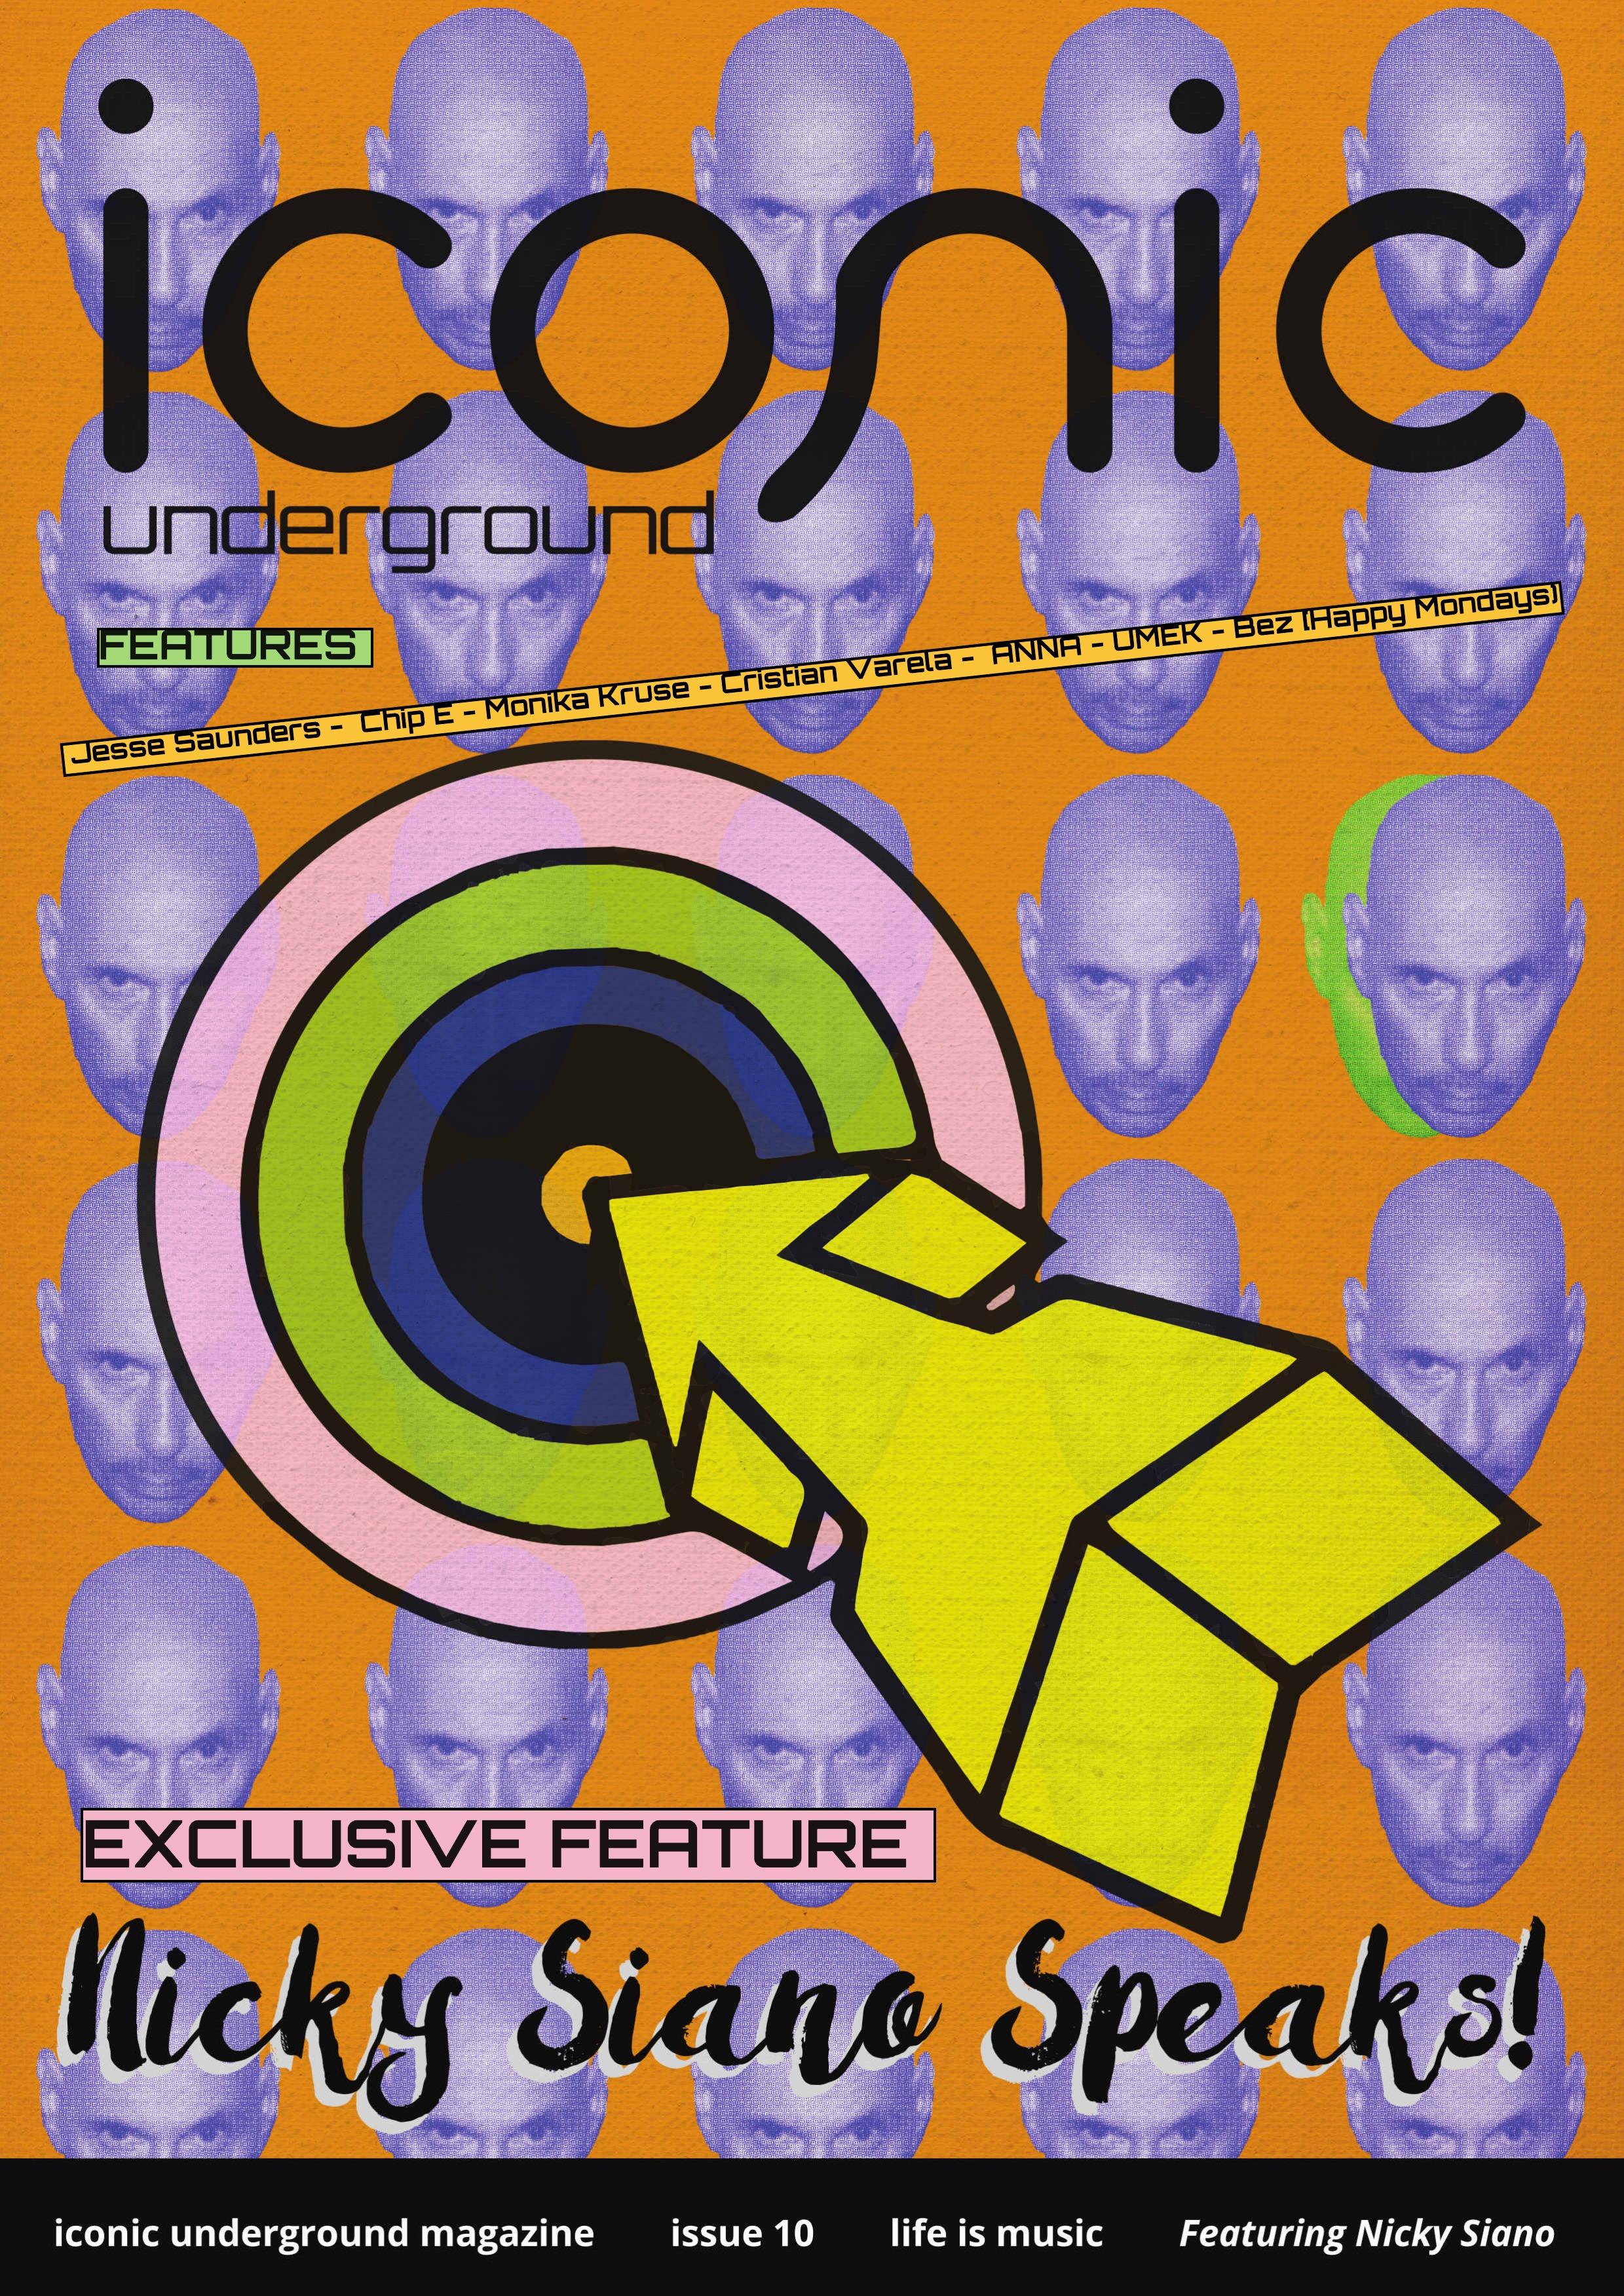 Issue 10 of Iconic Underground Magazine